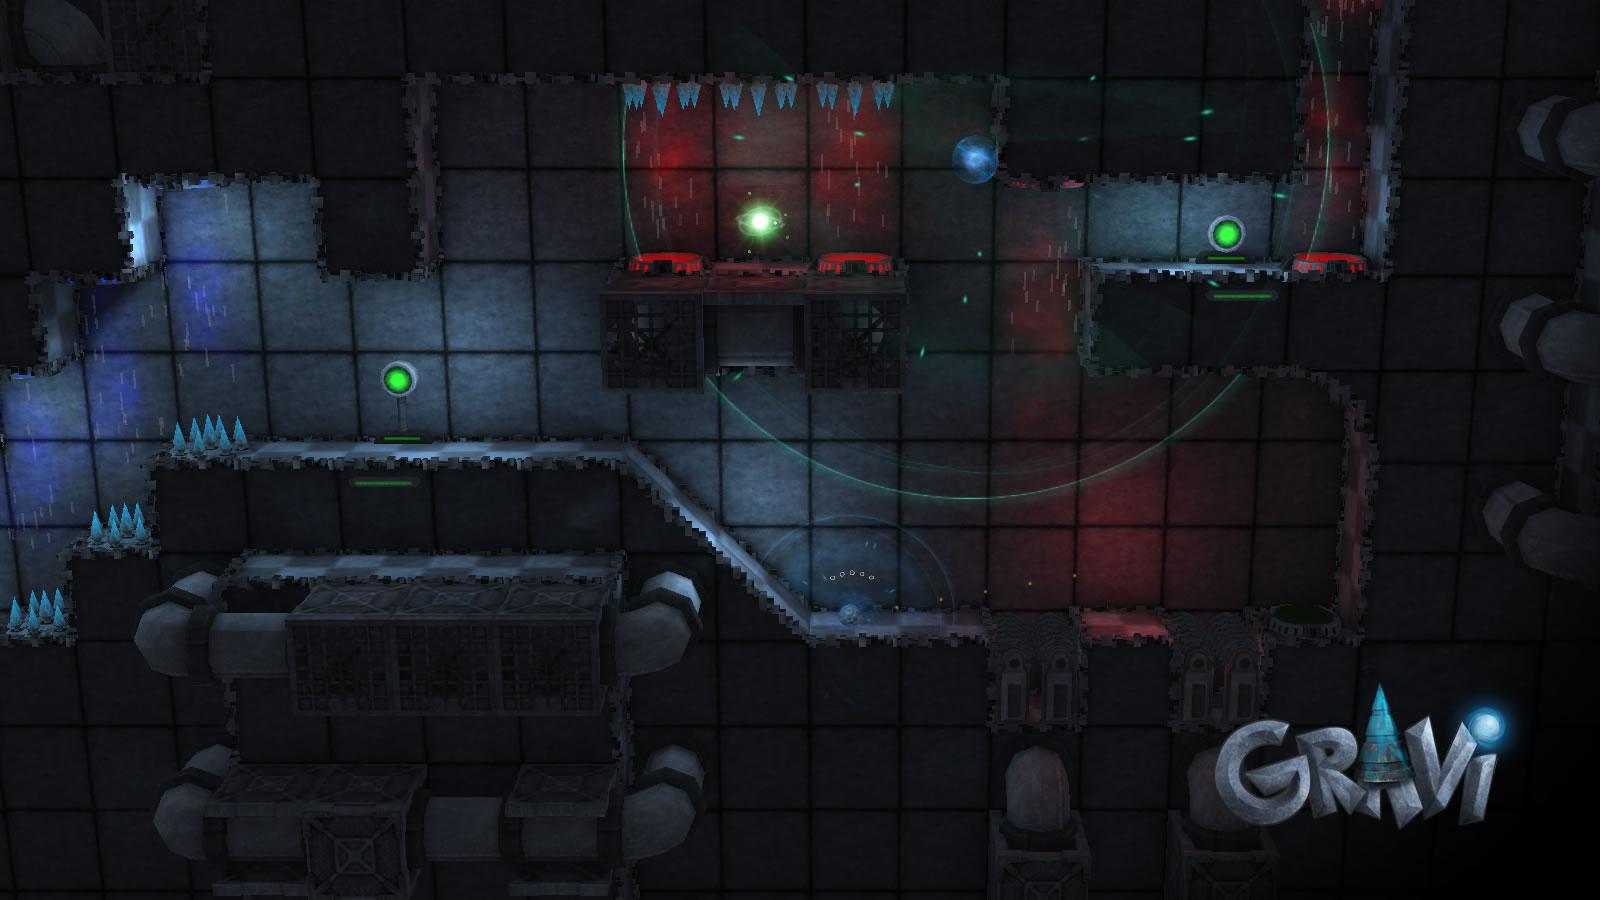 Screenshot of Gravi